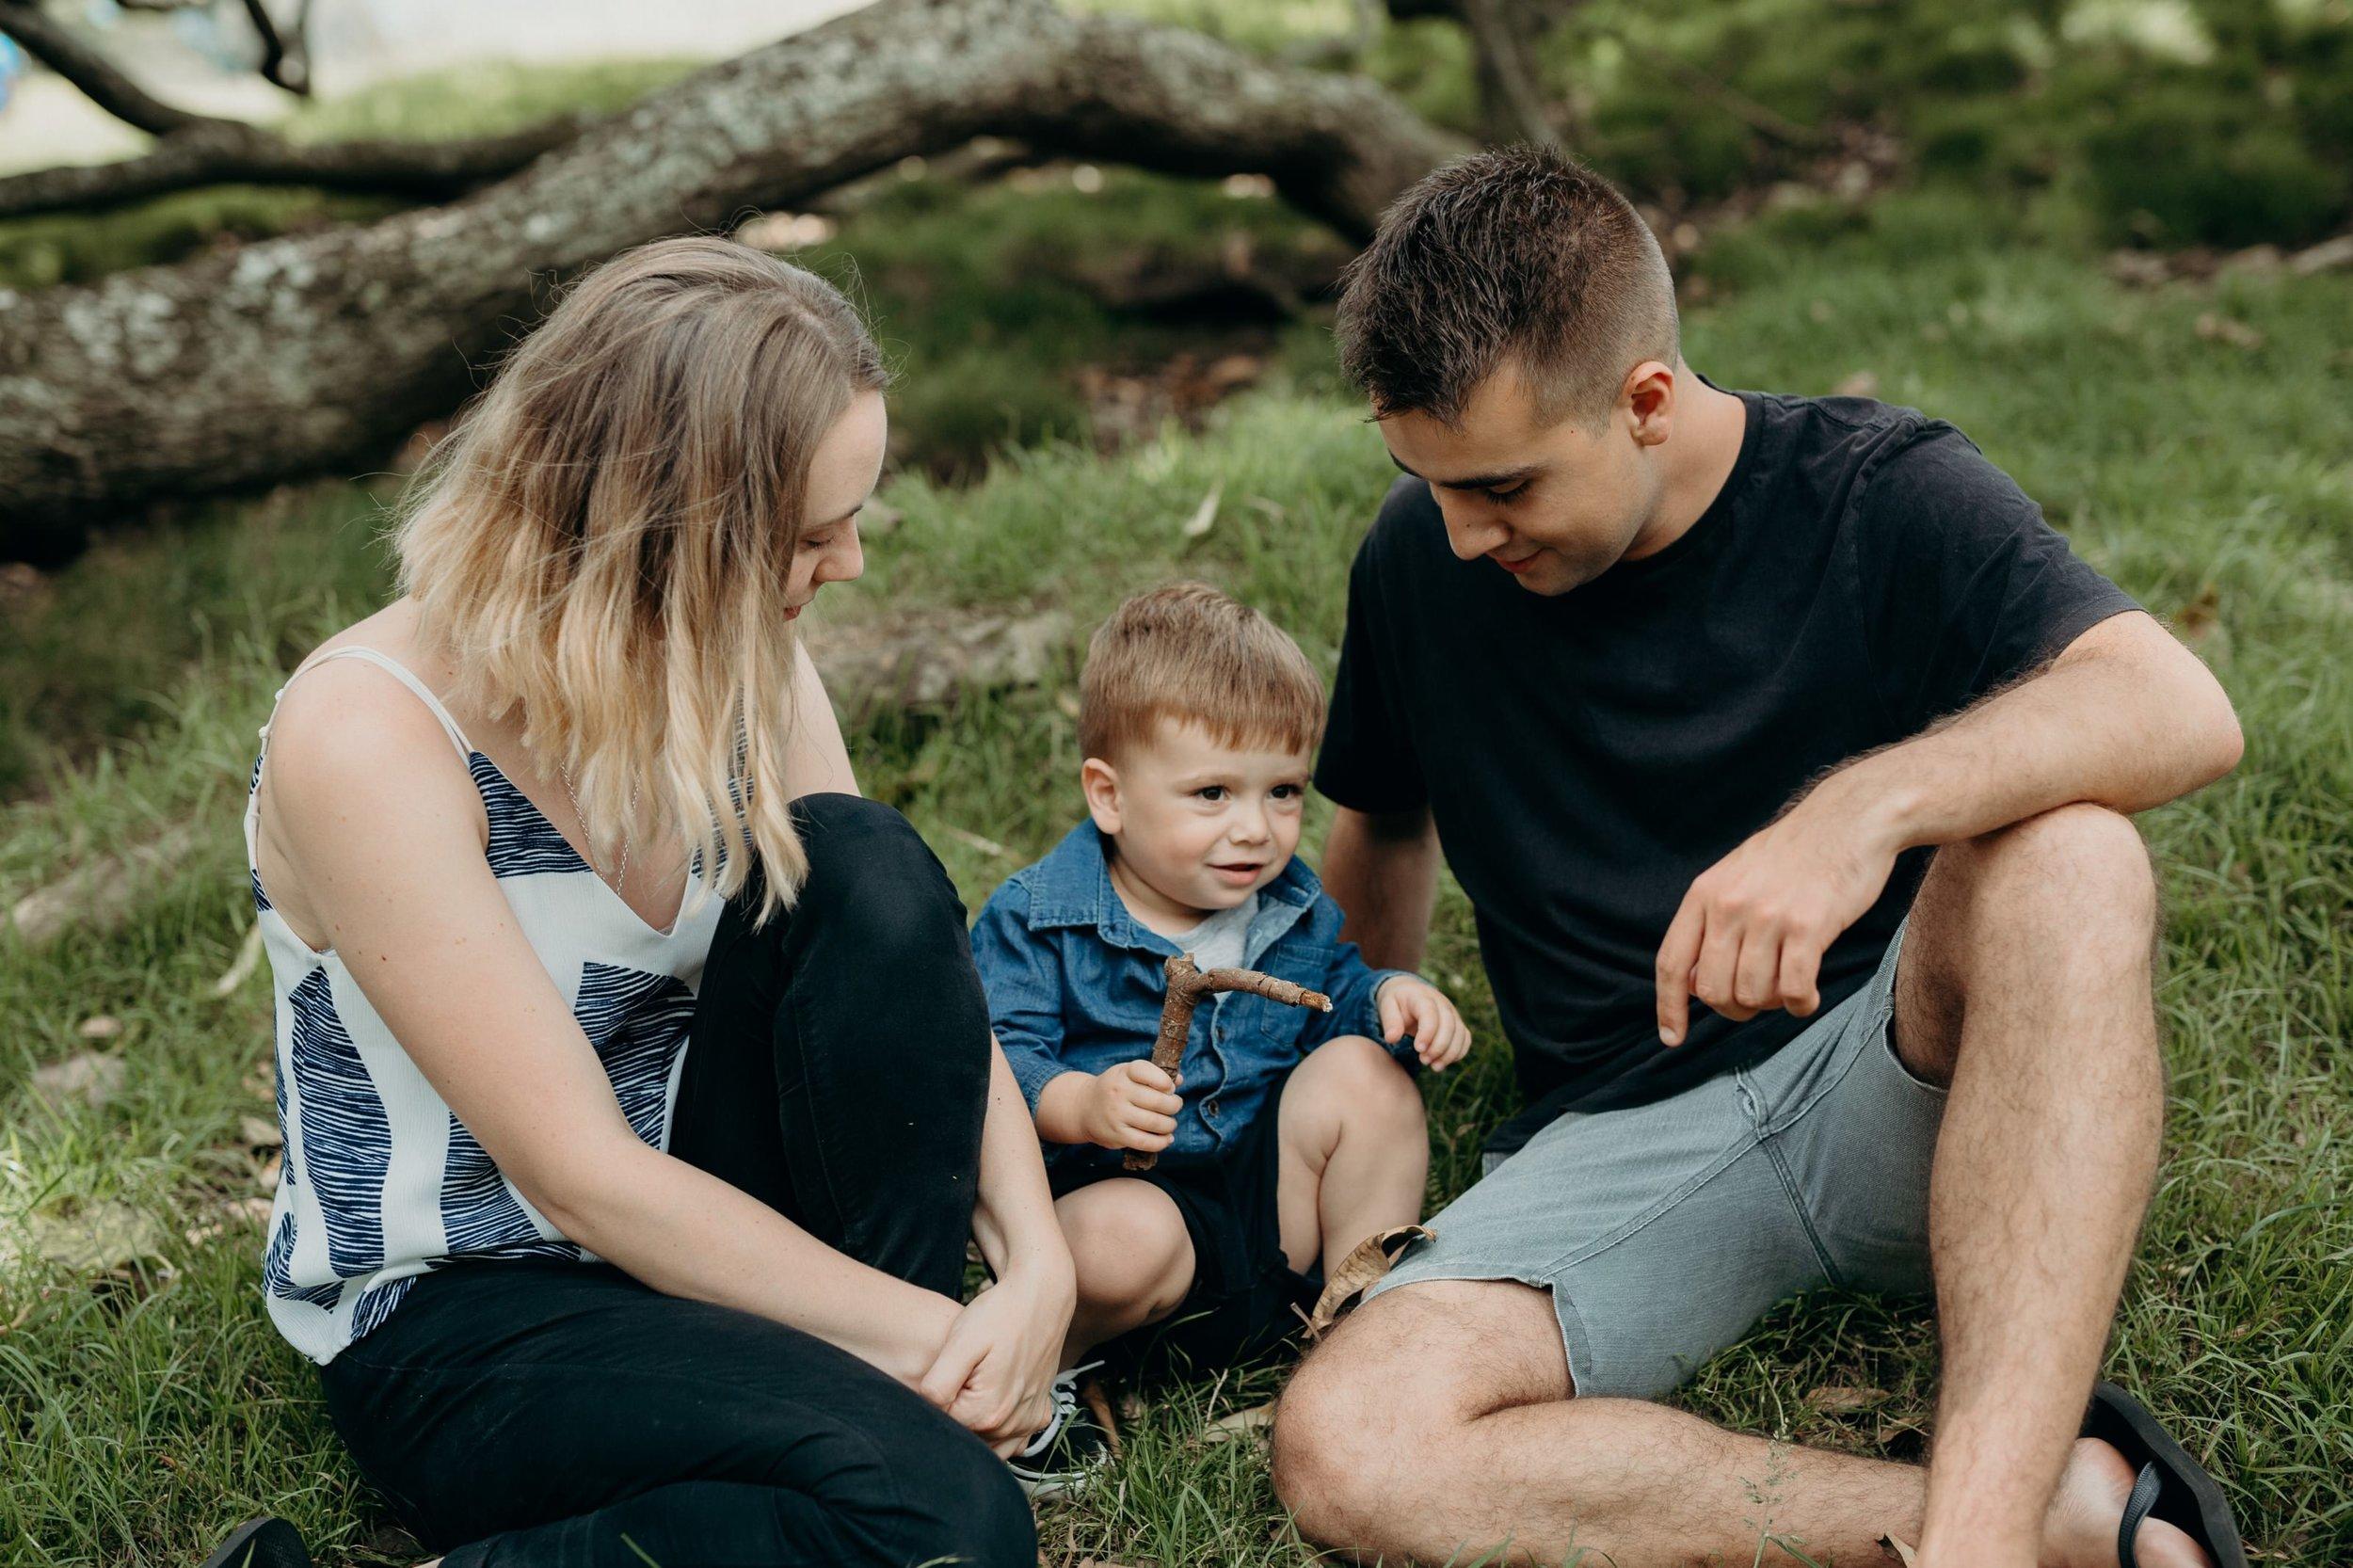 familyphotos_181216_93.jpg